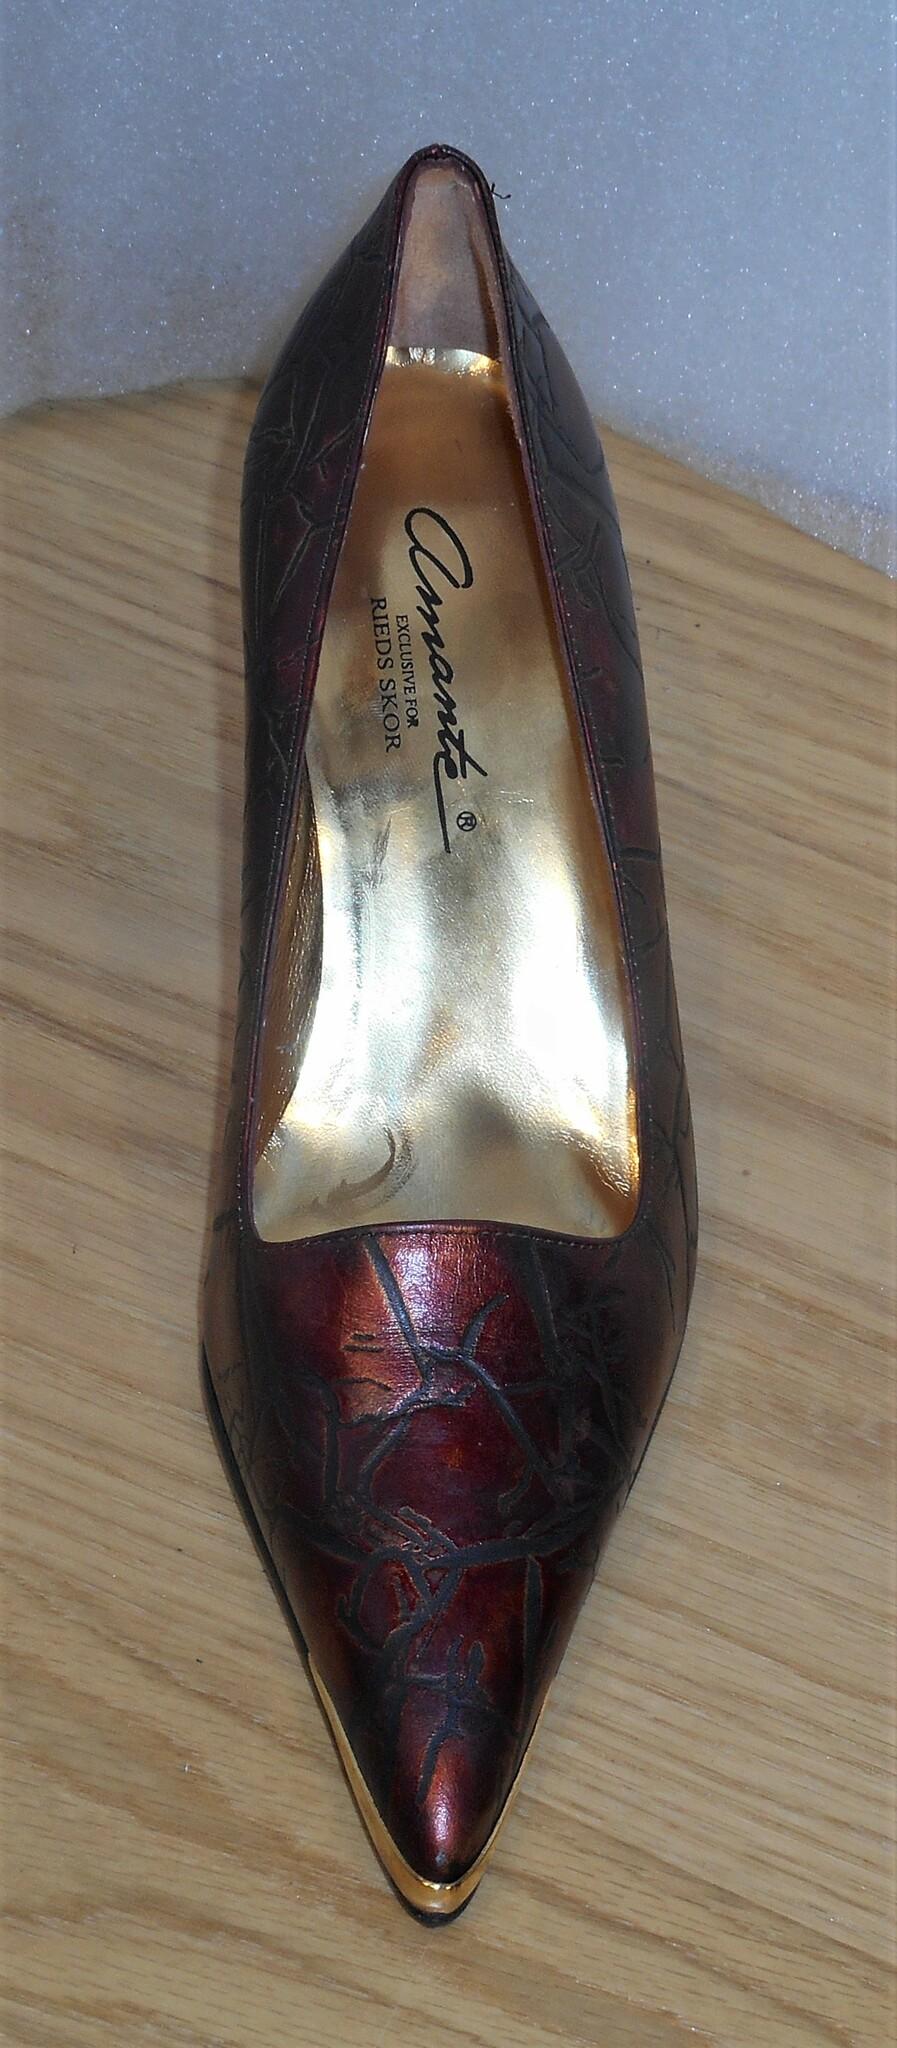 Vinröd pumps med krackeleringsmönster och gulddetaljer - Amante